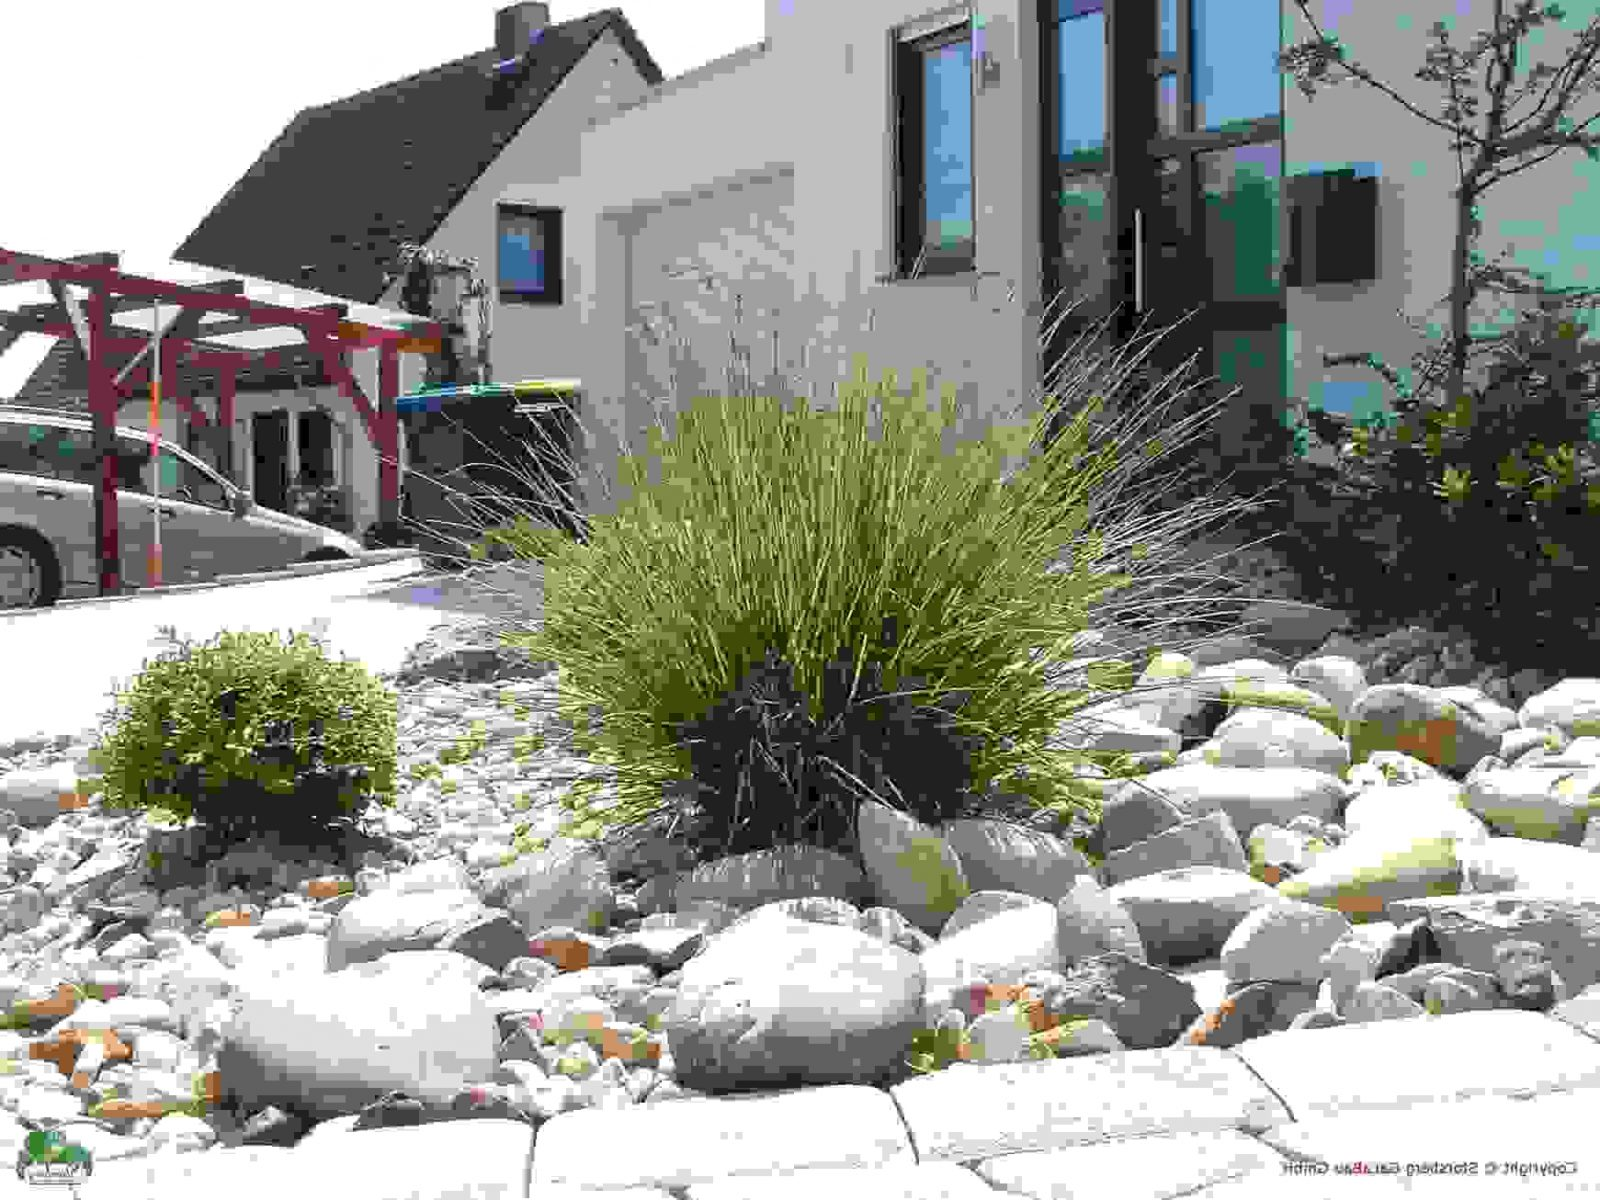 Gartengestaltung Mit Steinen Und Kies Bilder Archives  Garten von Gartengestaltung Mit Steinen Und Kies Bilder Photo